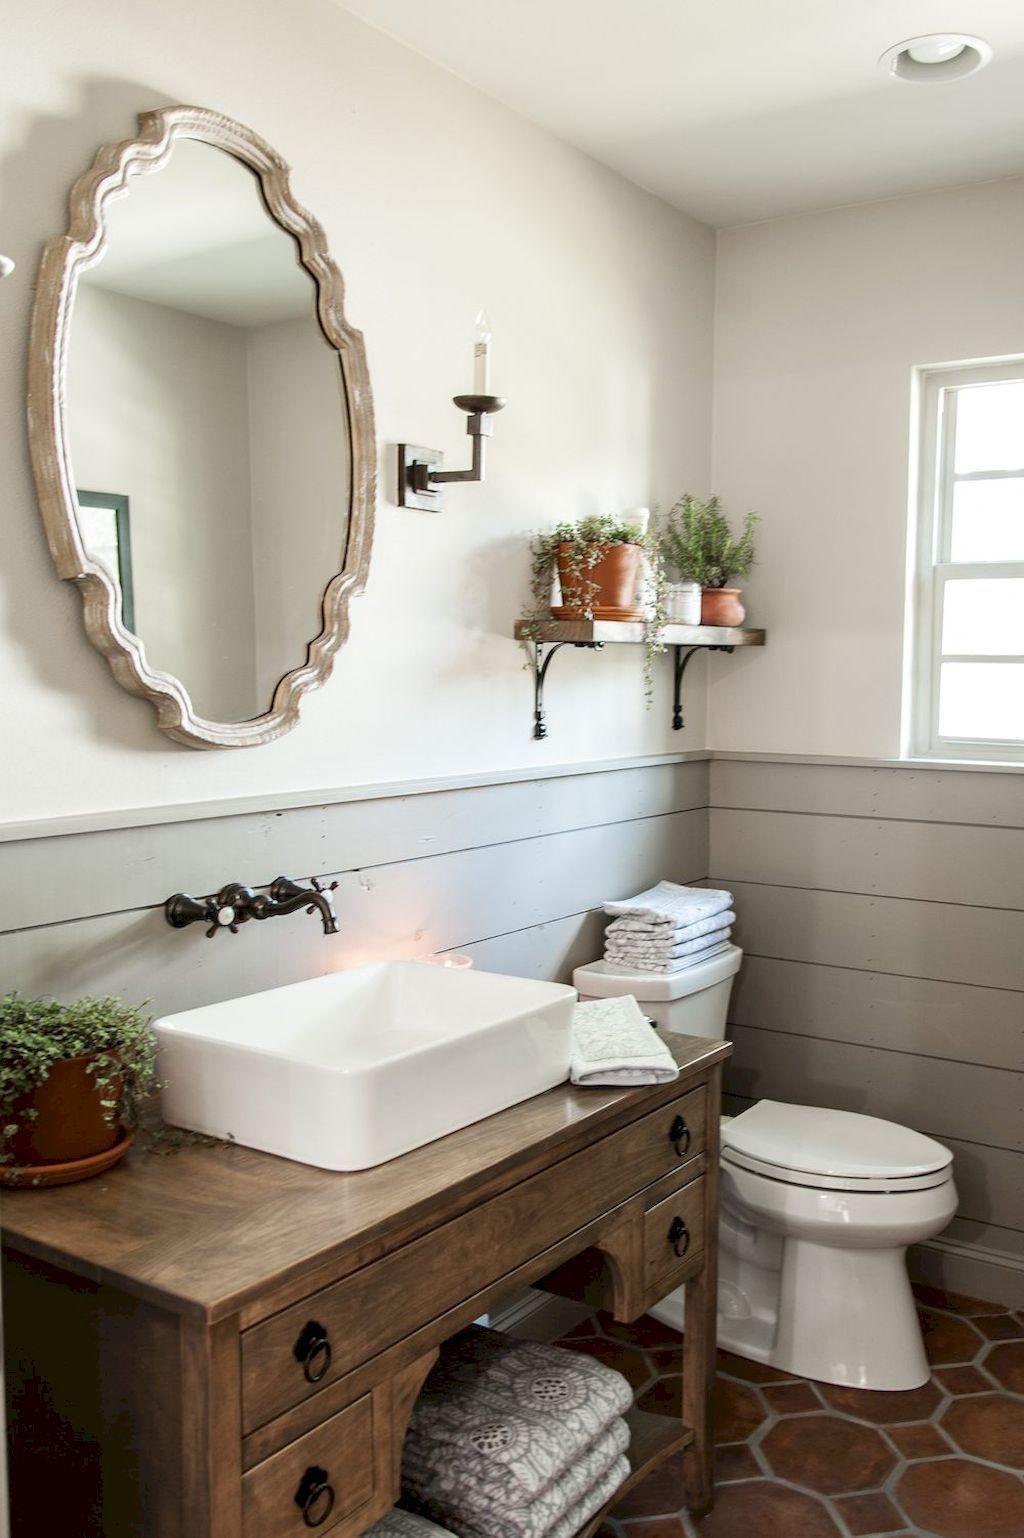 Vintage farmhouse bathroom remodel ideas on a budget (38) | Decorar ...